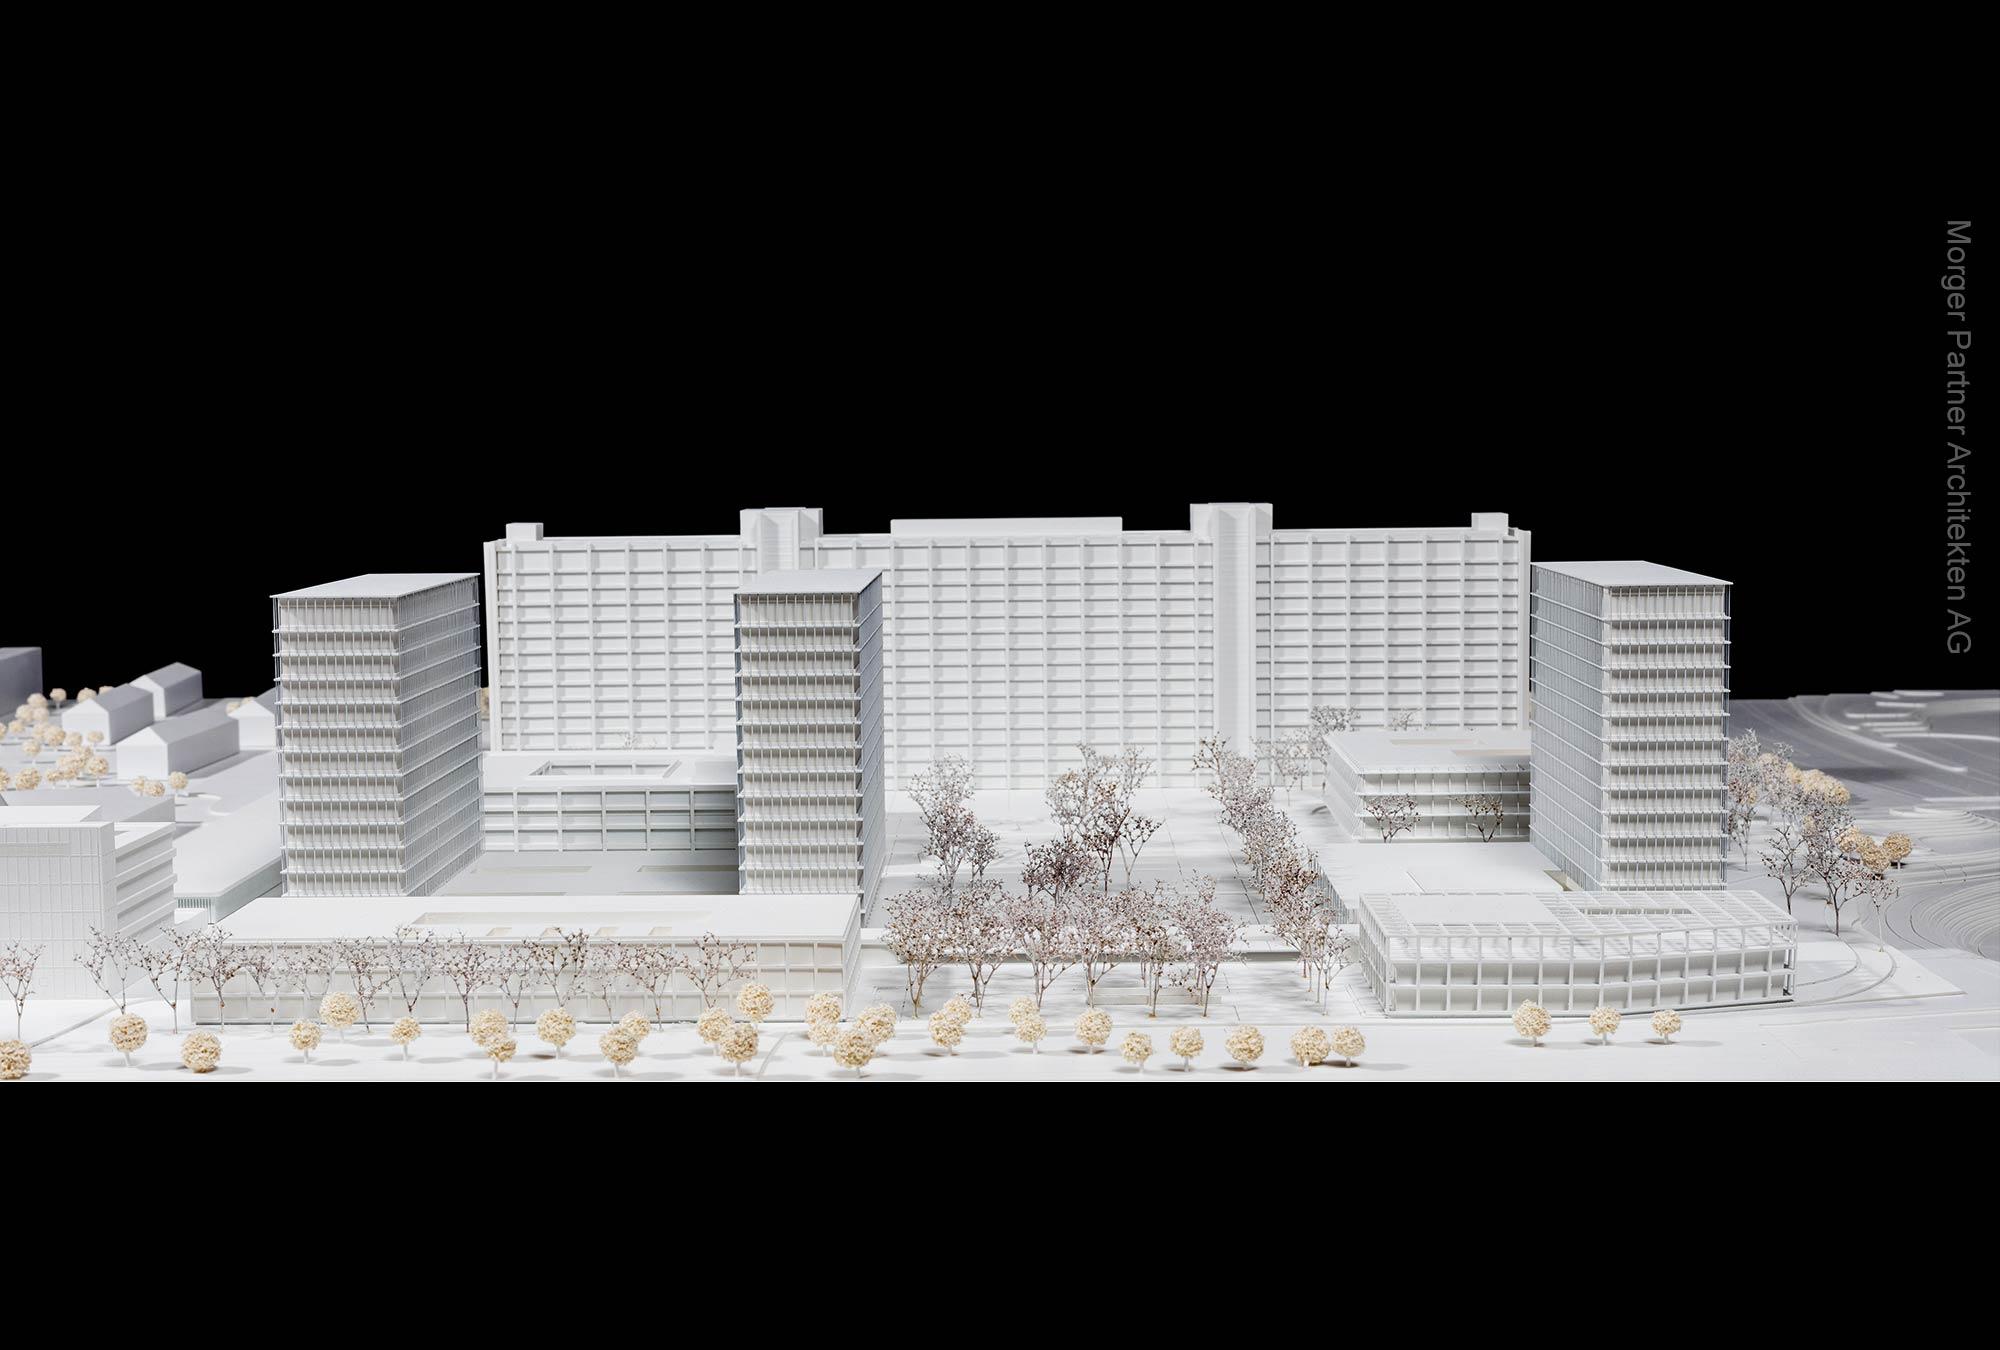 Campus Deutsche Bundesbank in Frankfurt am Main - Gewinner vom Architektenwettbewerb Morger Partner AG in Basel - Buba Frankfurt Erweiterung 2020